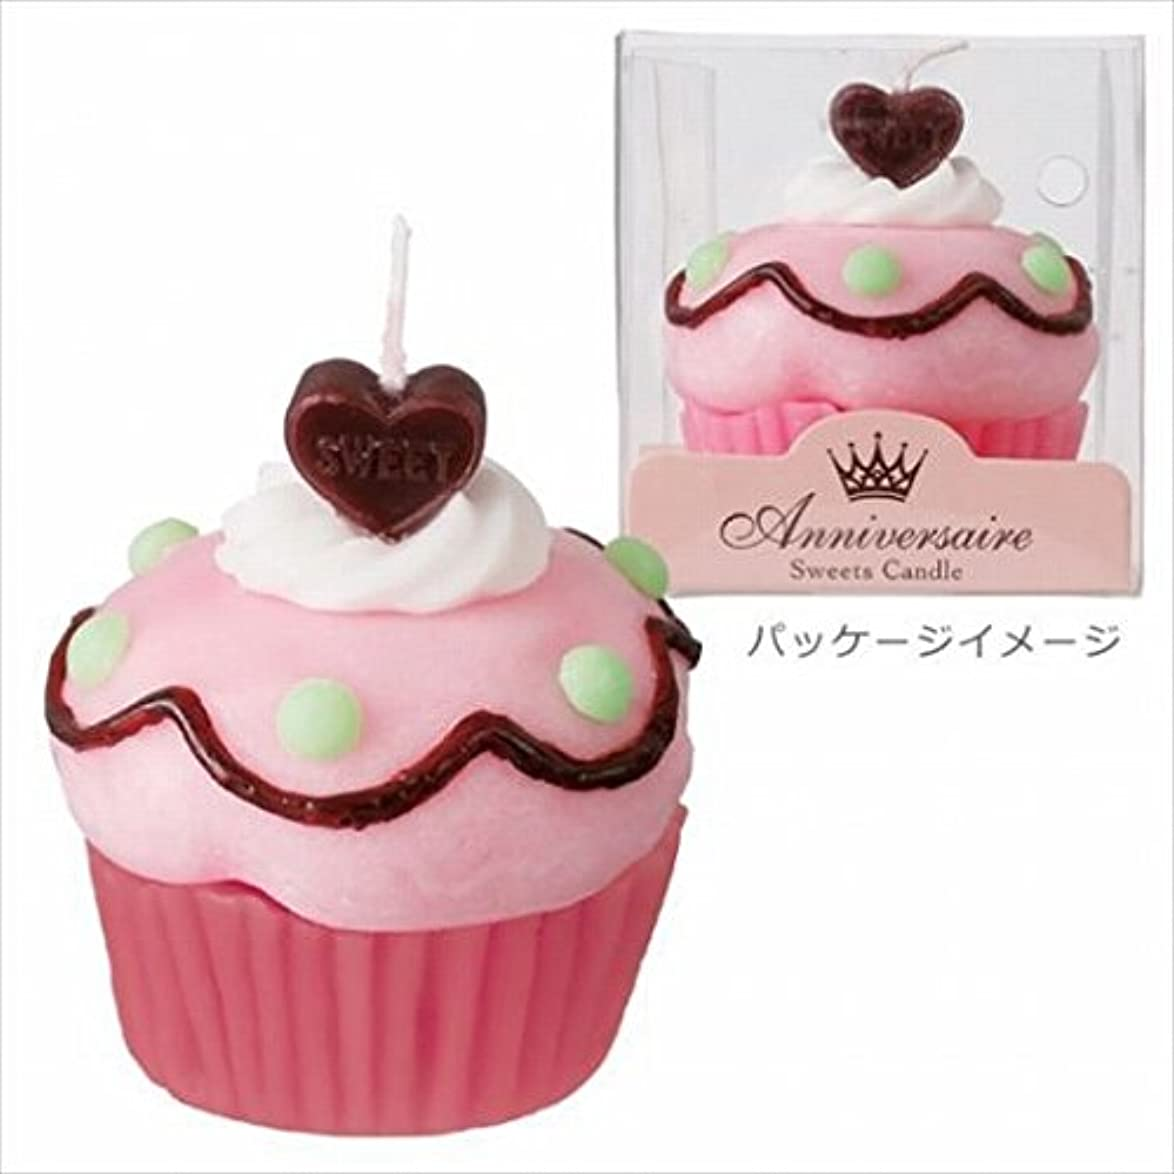 アーティキュレーションディレクター素晴らしきカメヤマキャンドル( kameyama candle ) カップケーキキャンドル 「 チェリードット 」